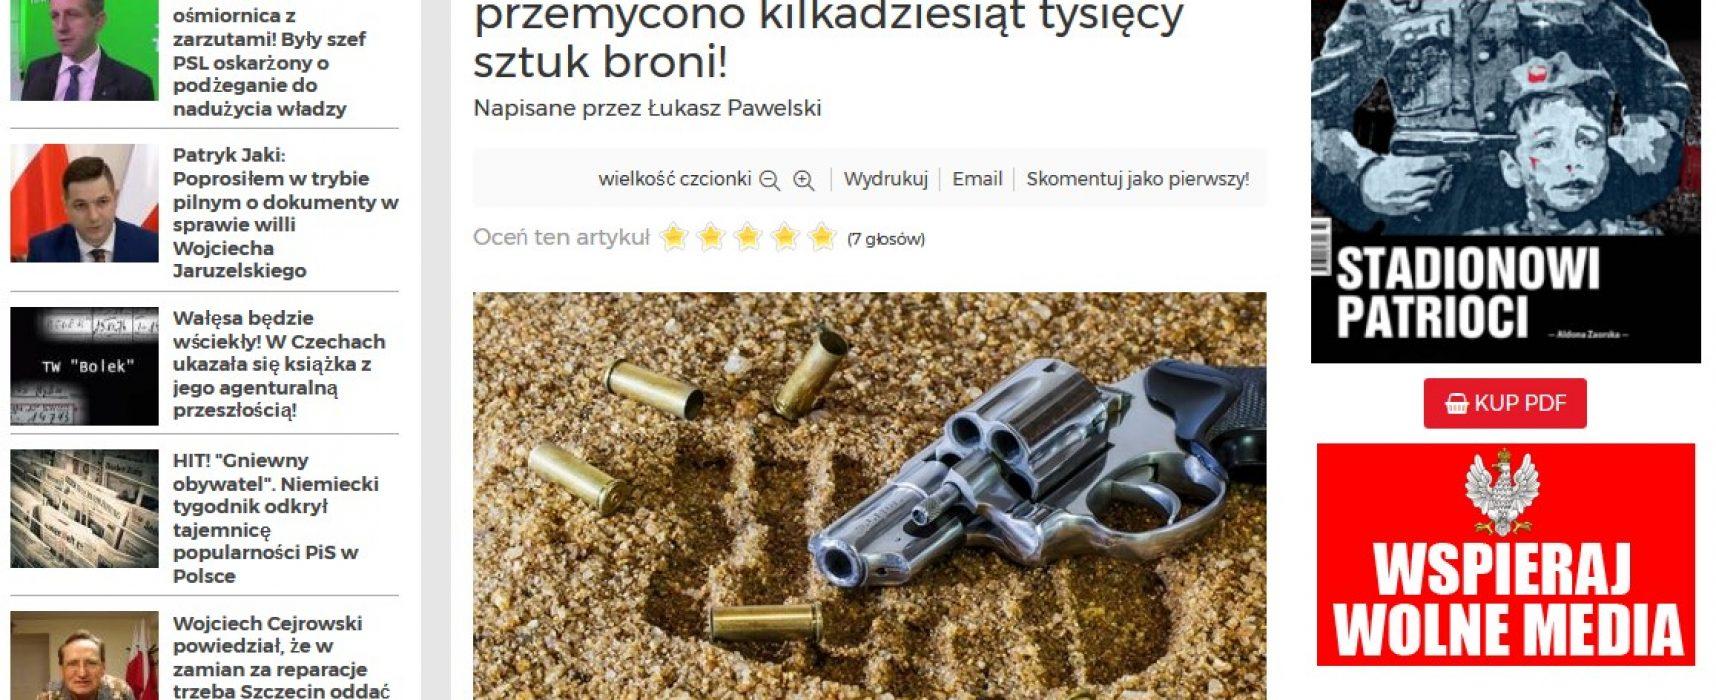 Fake: Ukrainische Waffen überschwemmen Polen